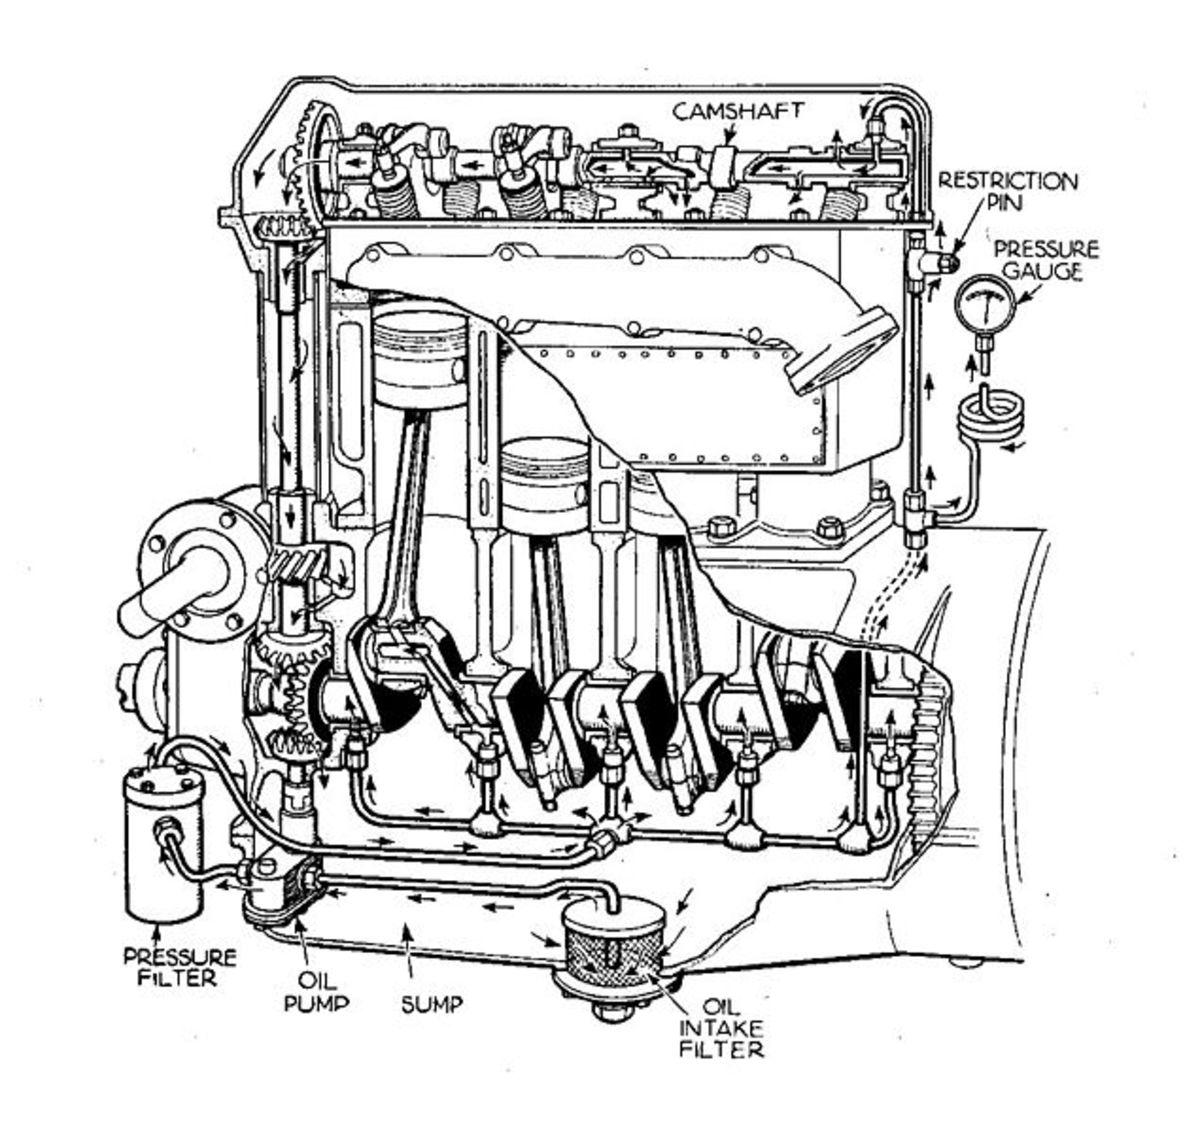 系统压力允许油通过整个润滑系统。